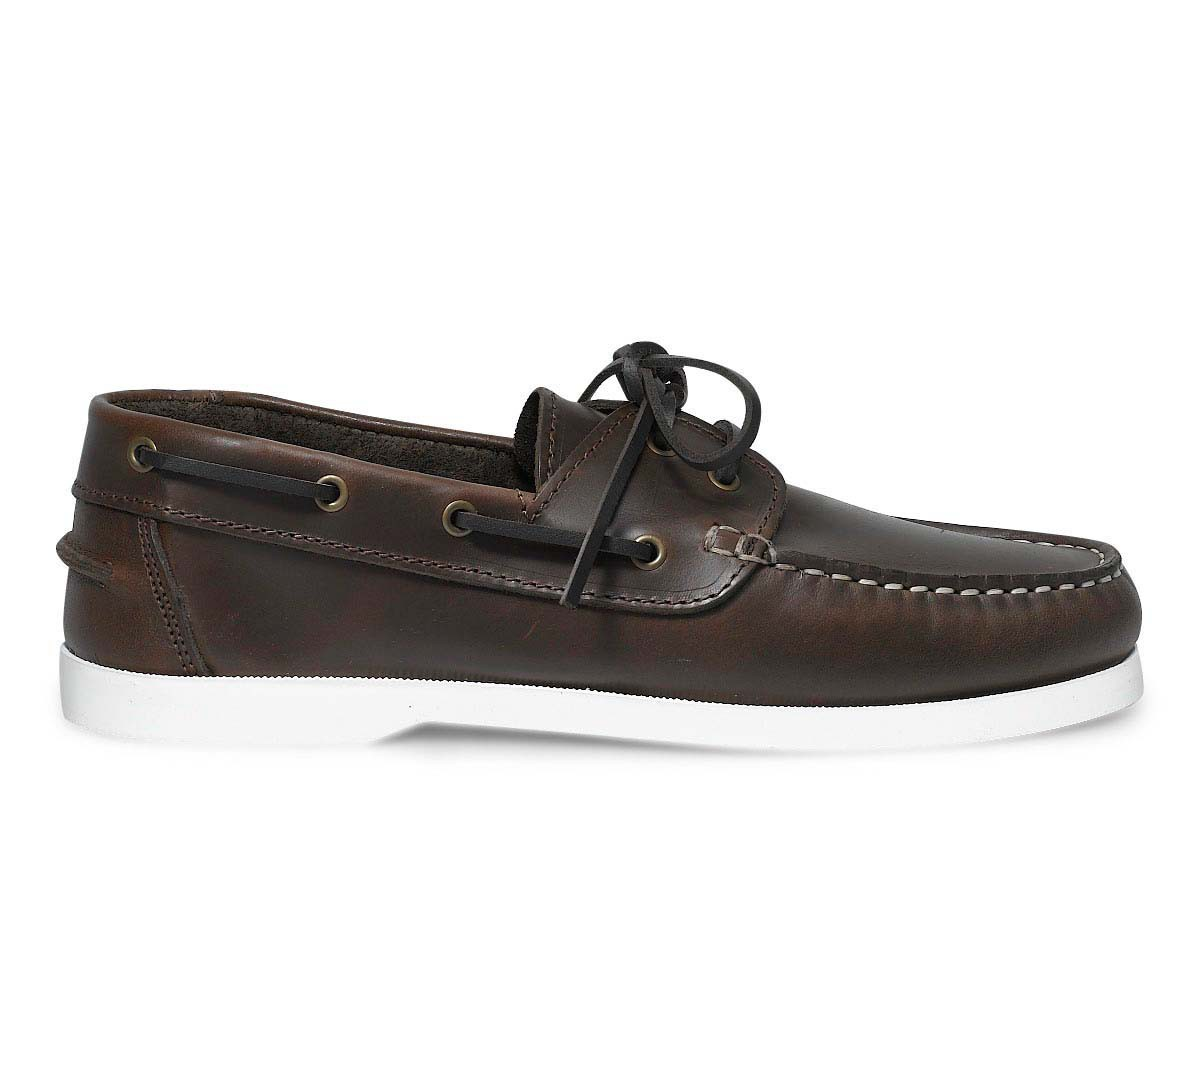 Comment porter des chaussures bateau pour homme ?